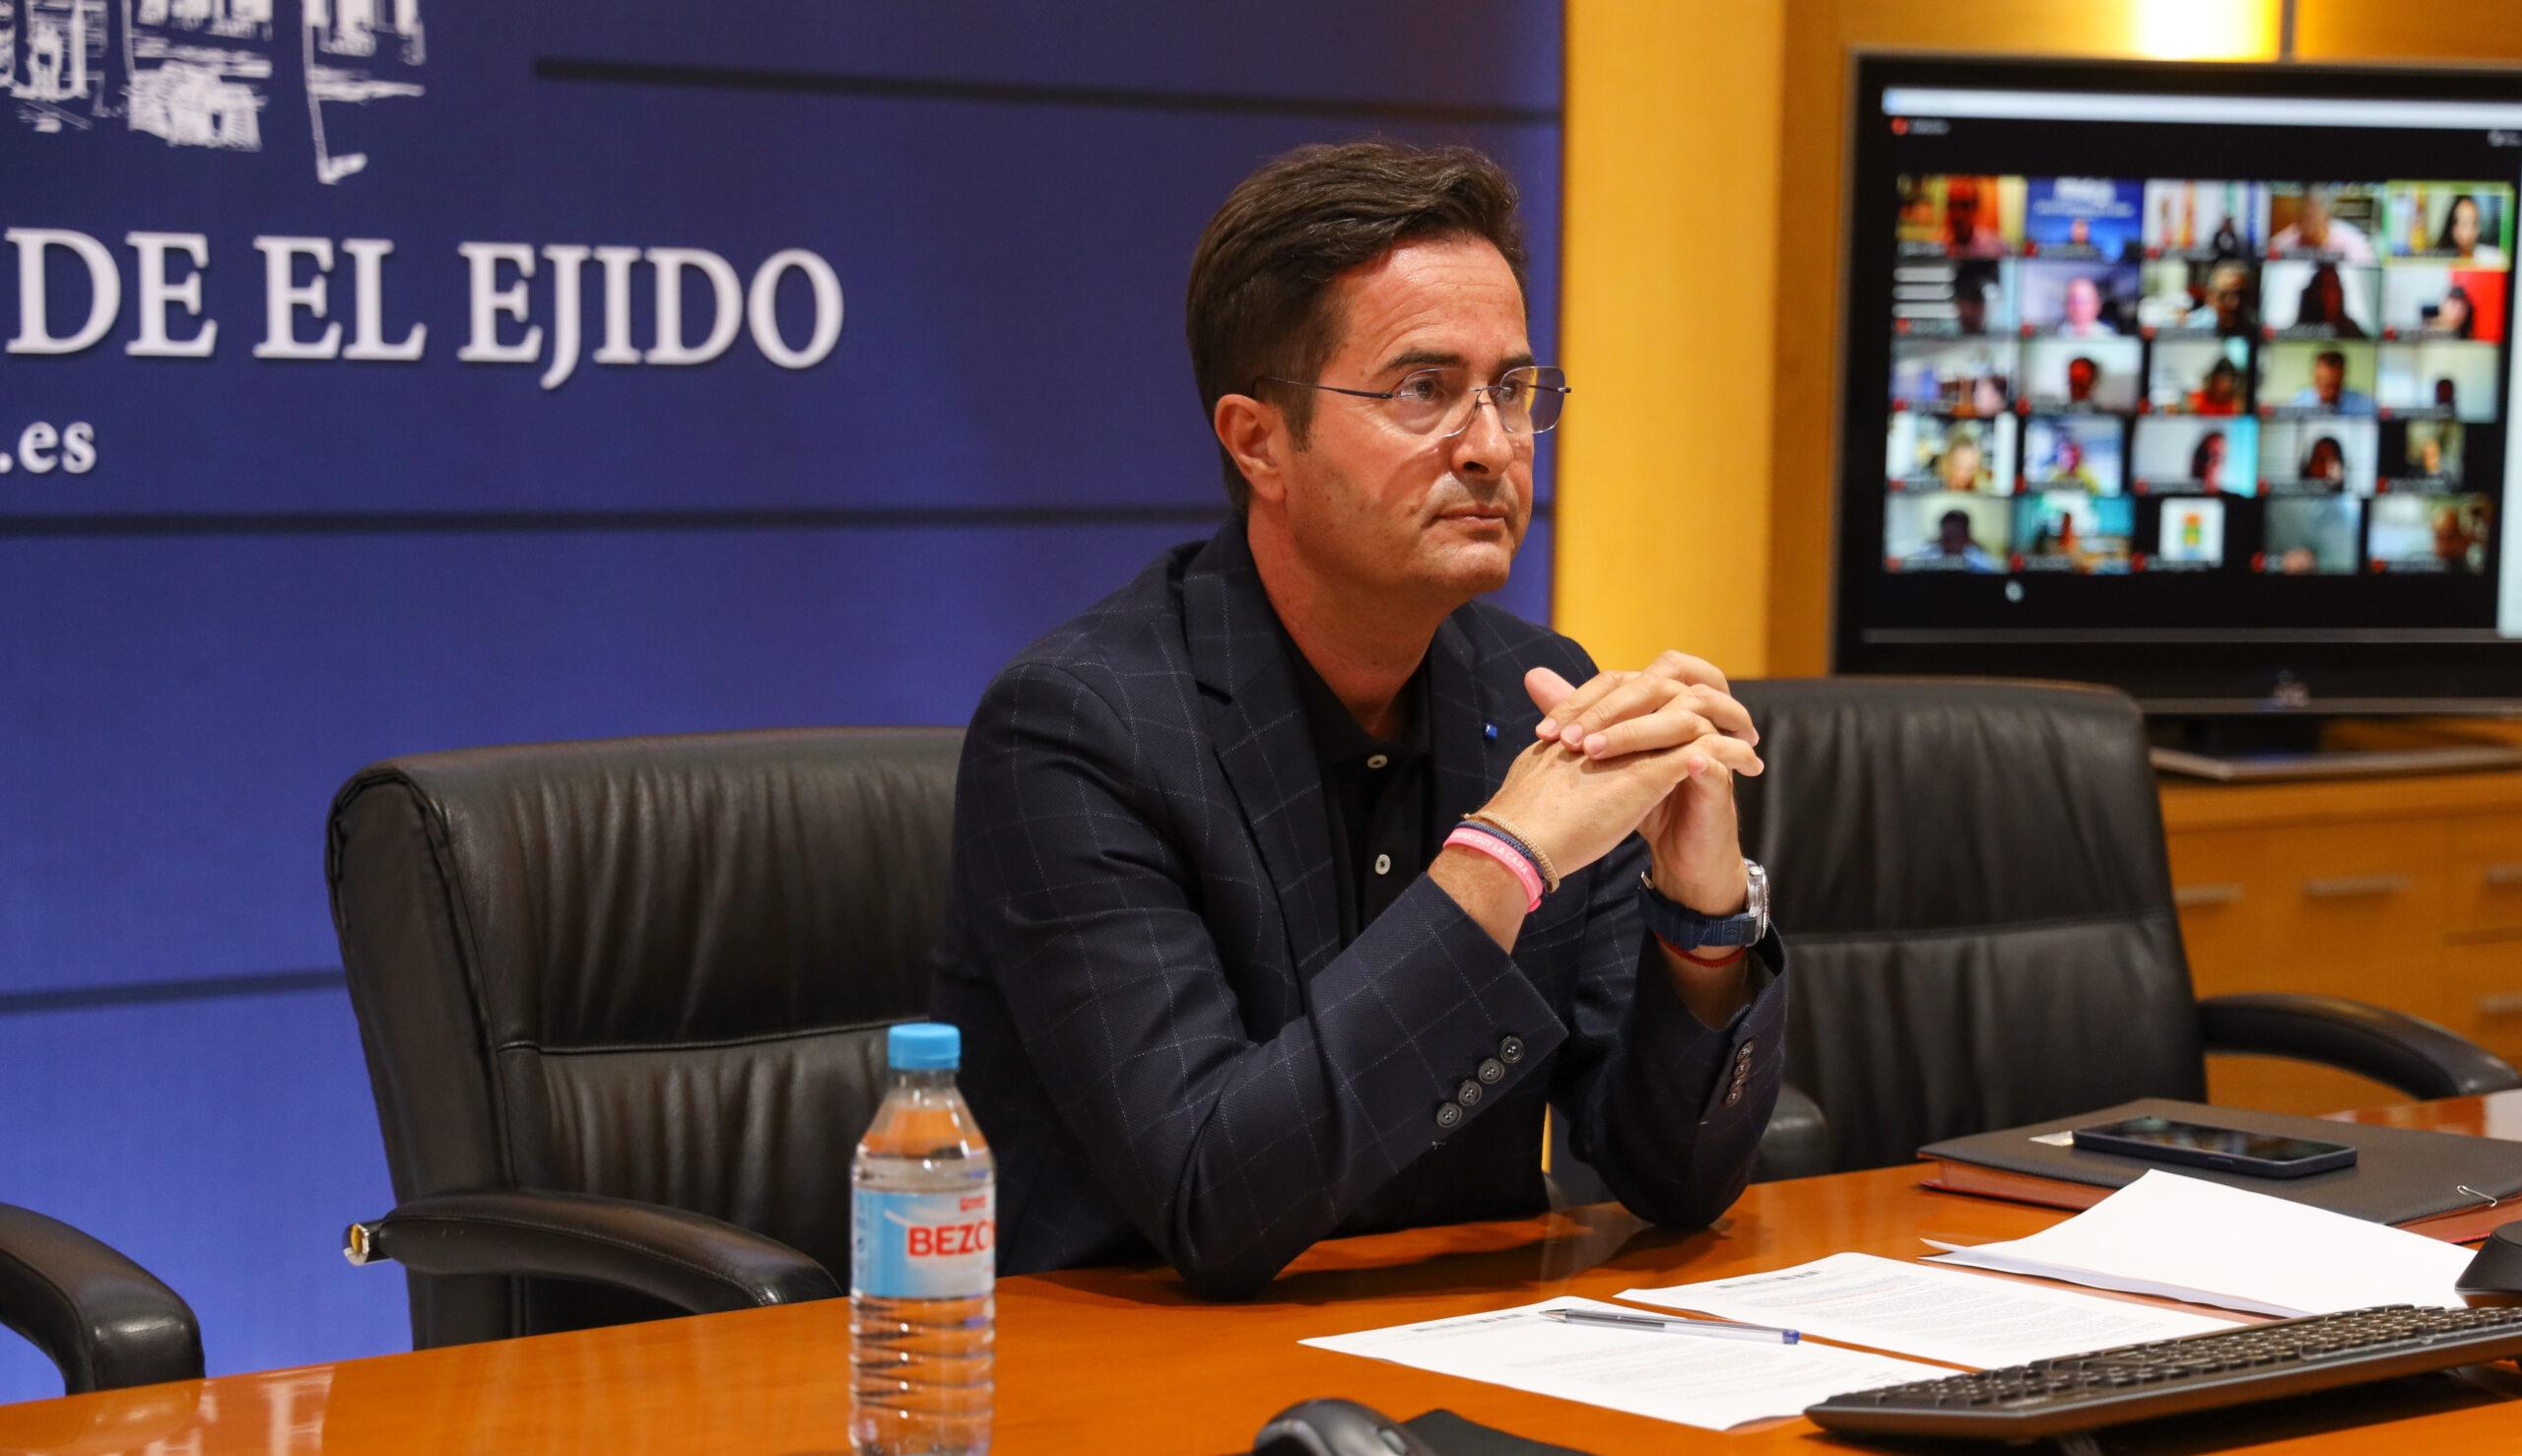 El Ayuntamiento reestructura su deuda para mejorar las condiciones financieras y su capacidad inversora